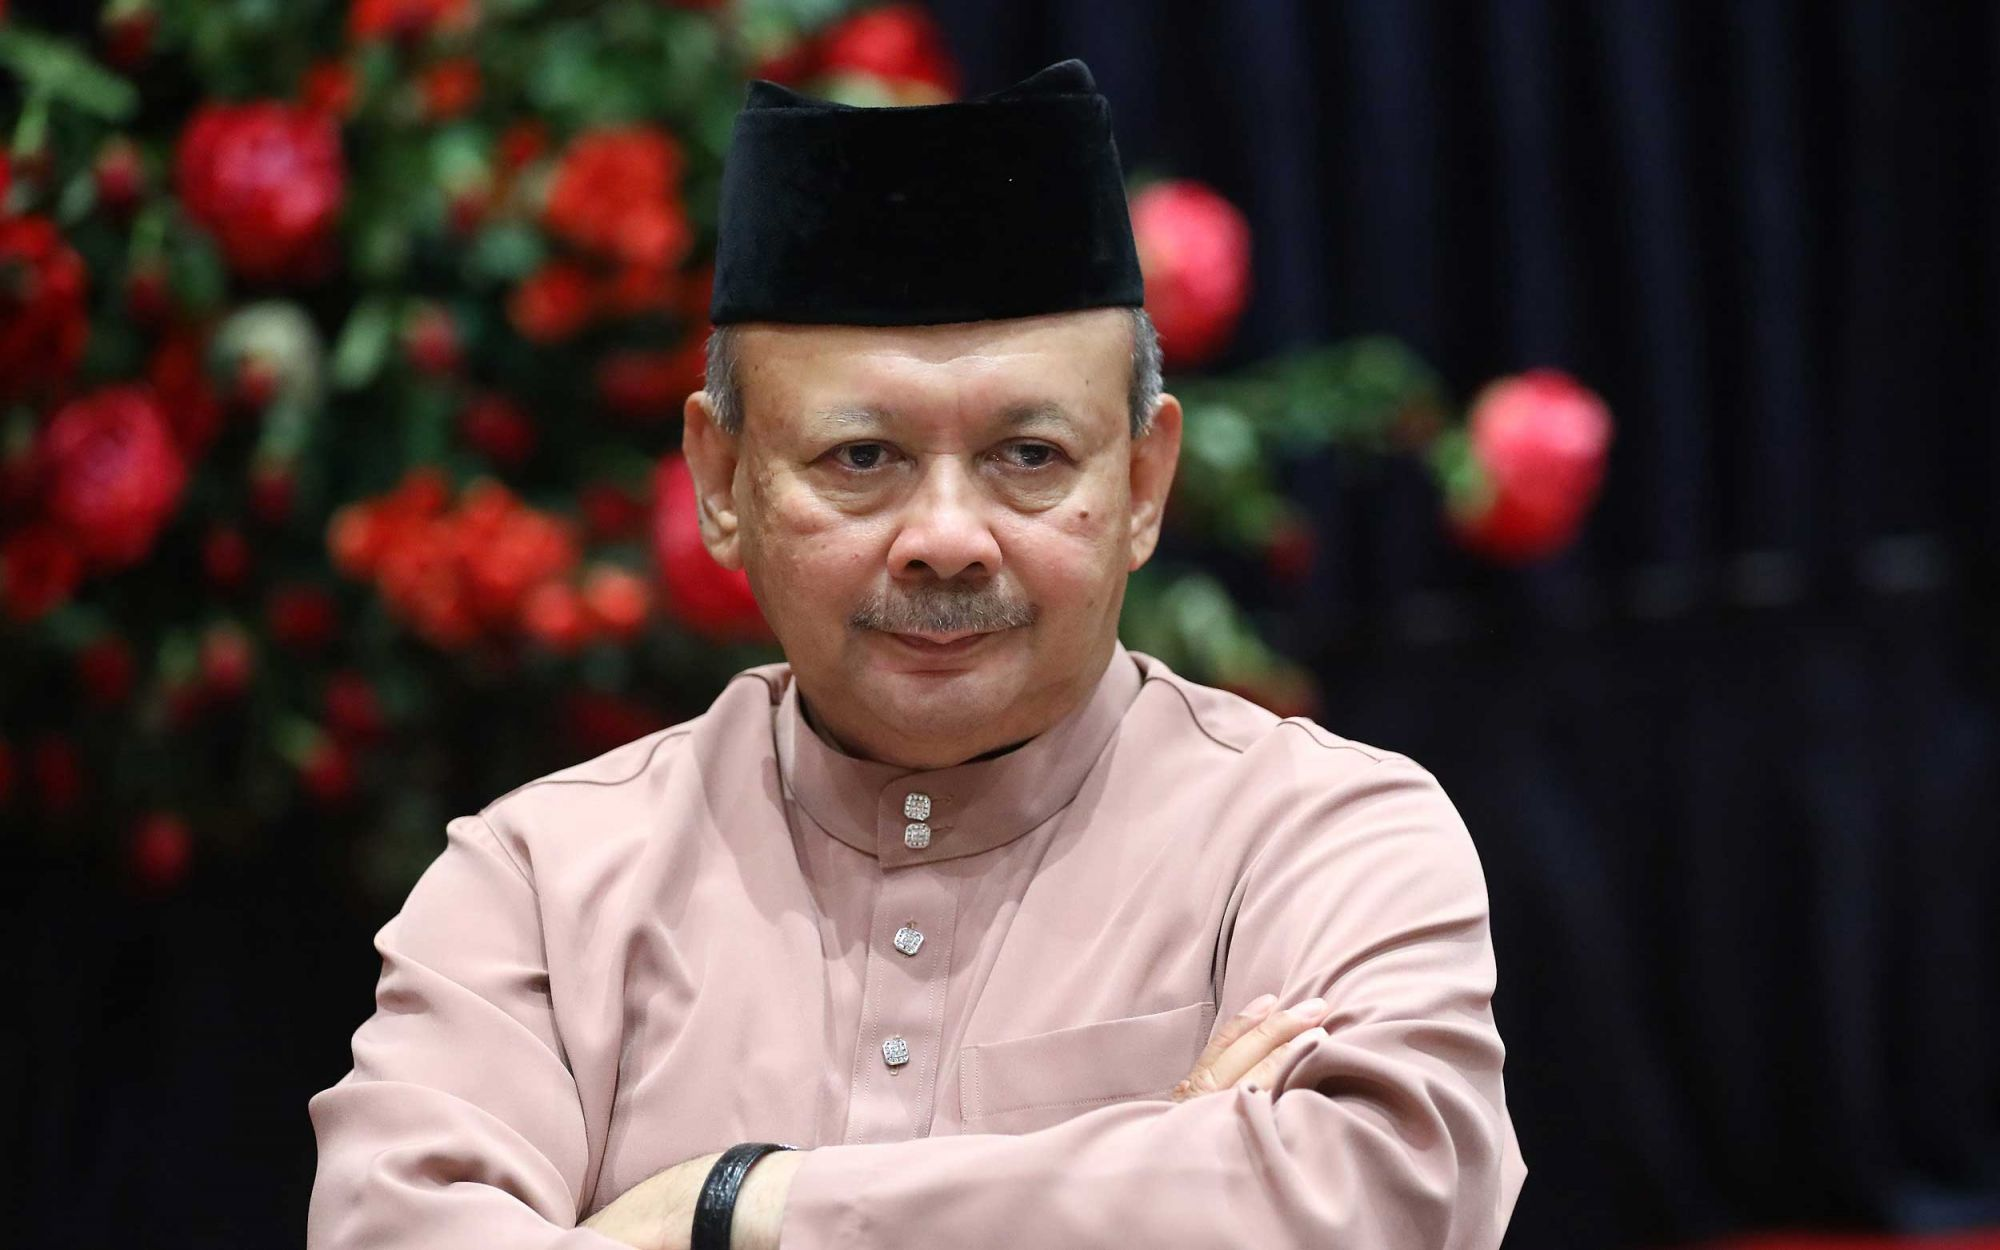 Tengku Syarif Panglima Perlis Syed Anwar